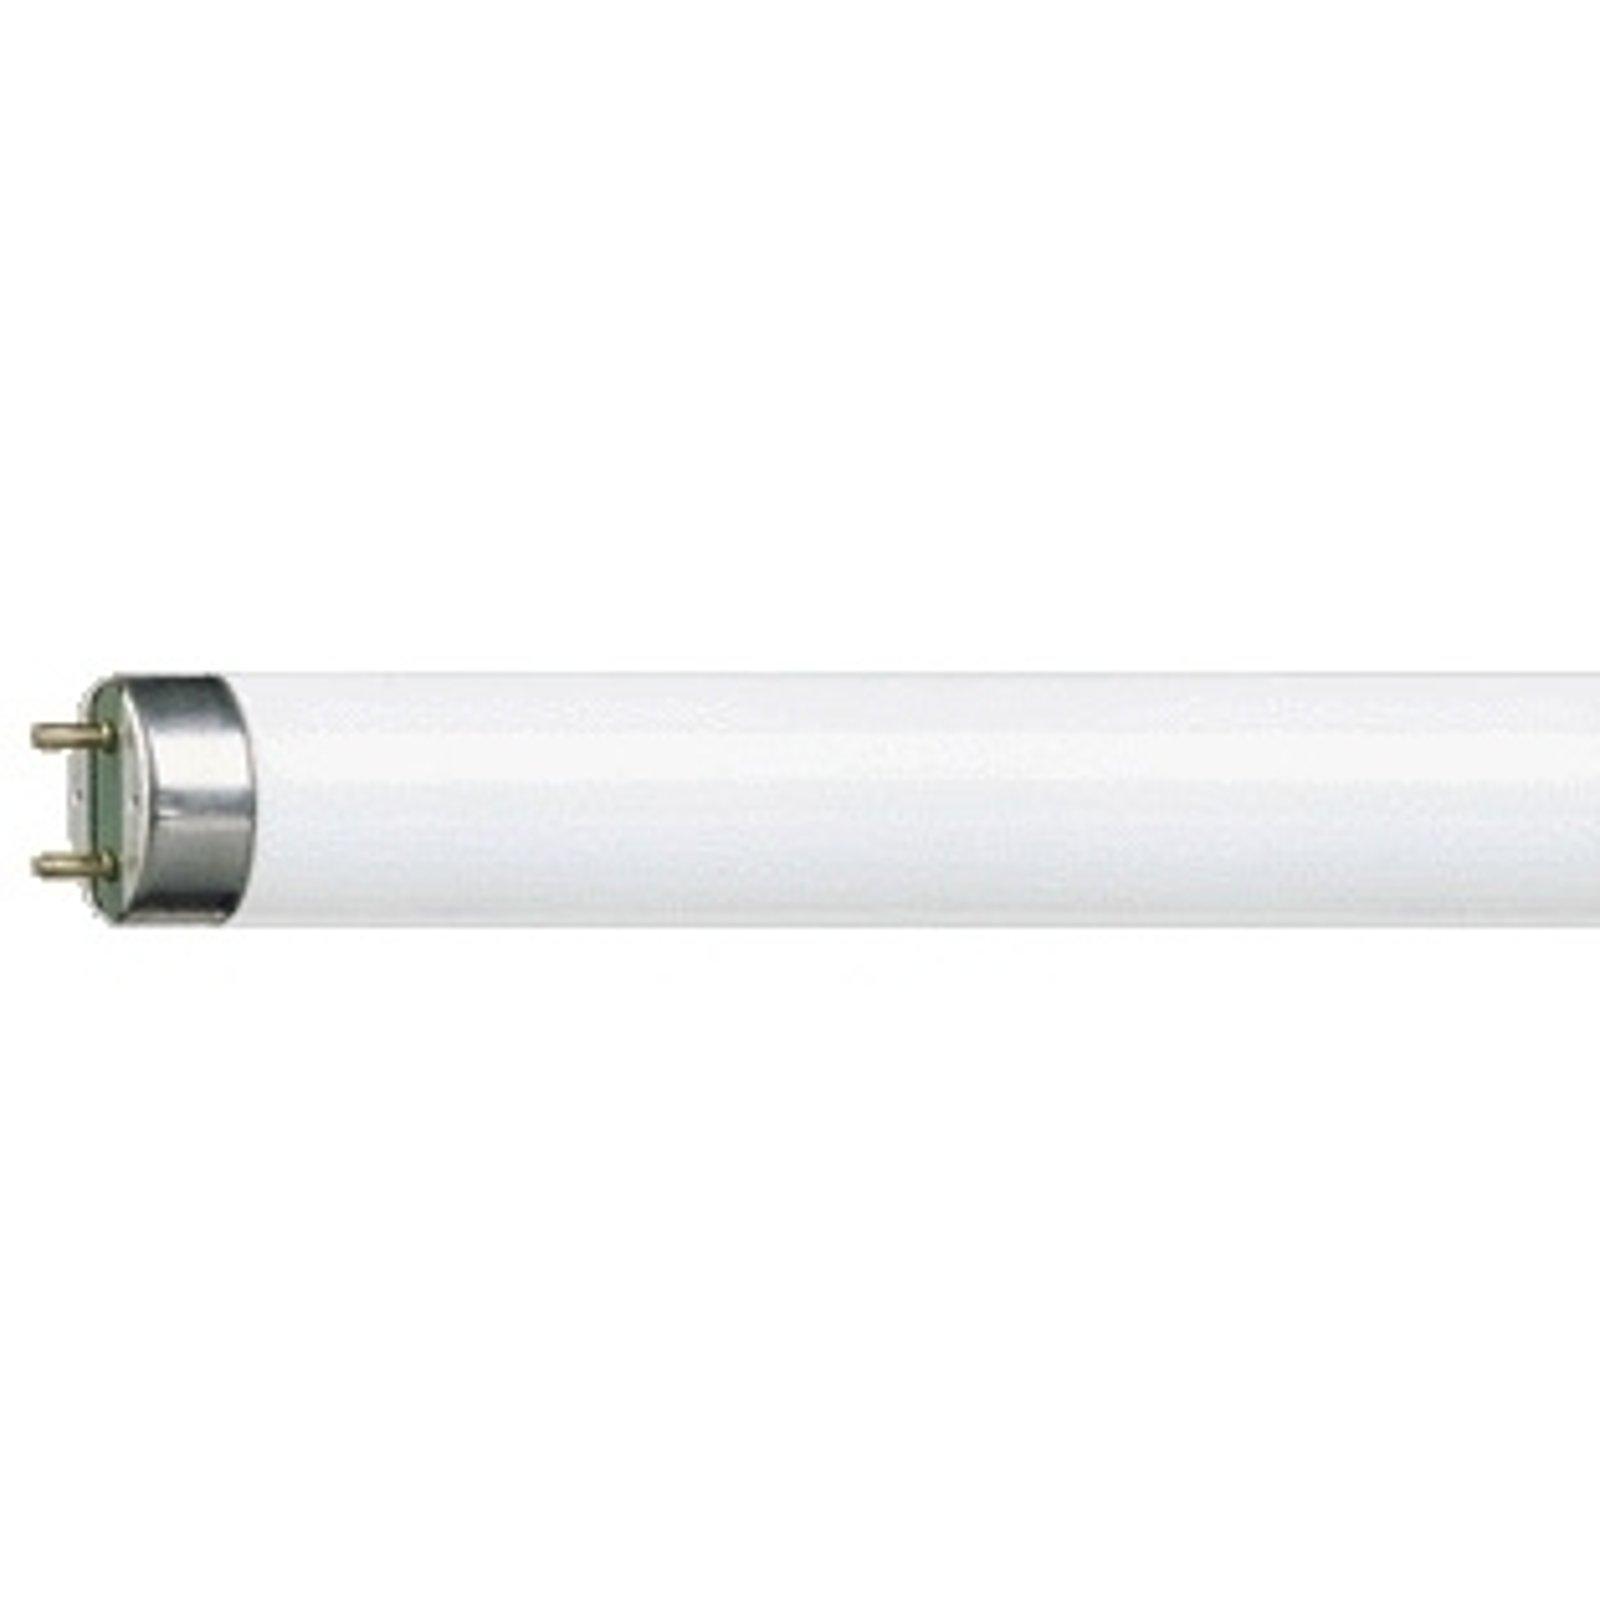 G13 T8-lyspære MASTER TL-D Super 15W/840